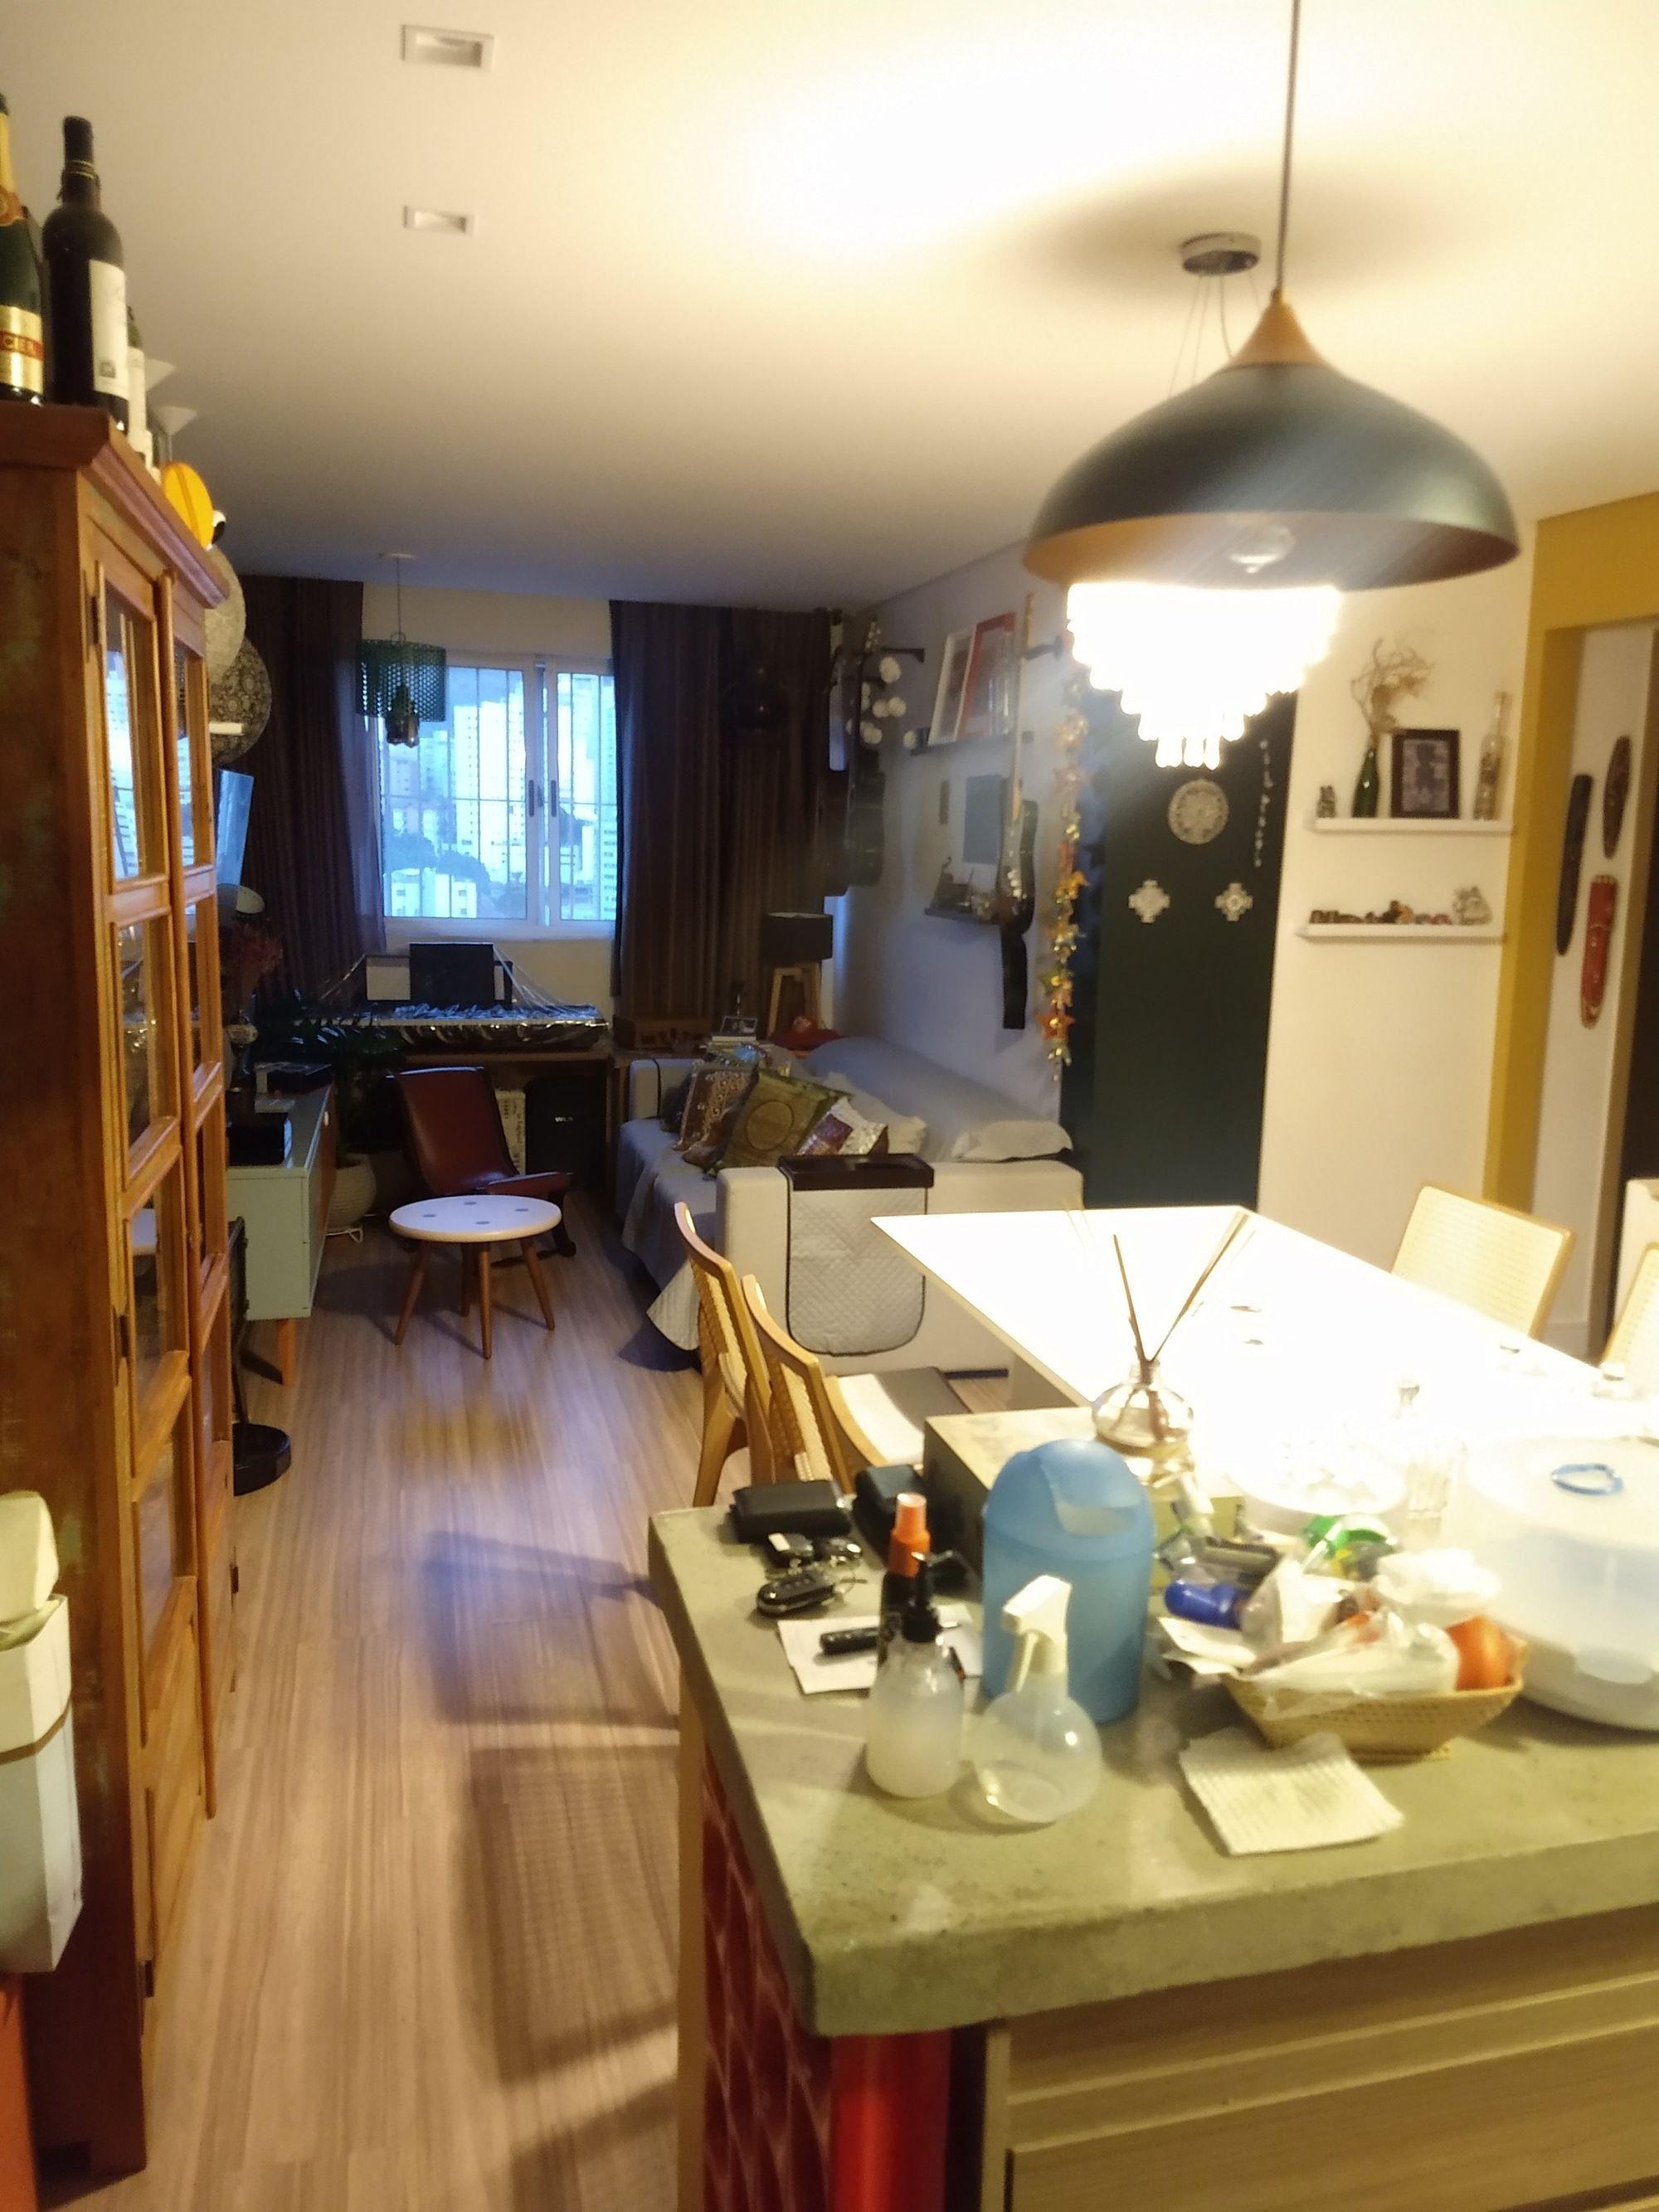 Foto de Sala com cadeira, garrafa